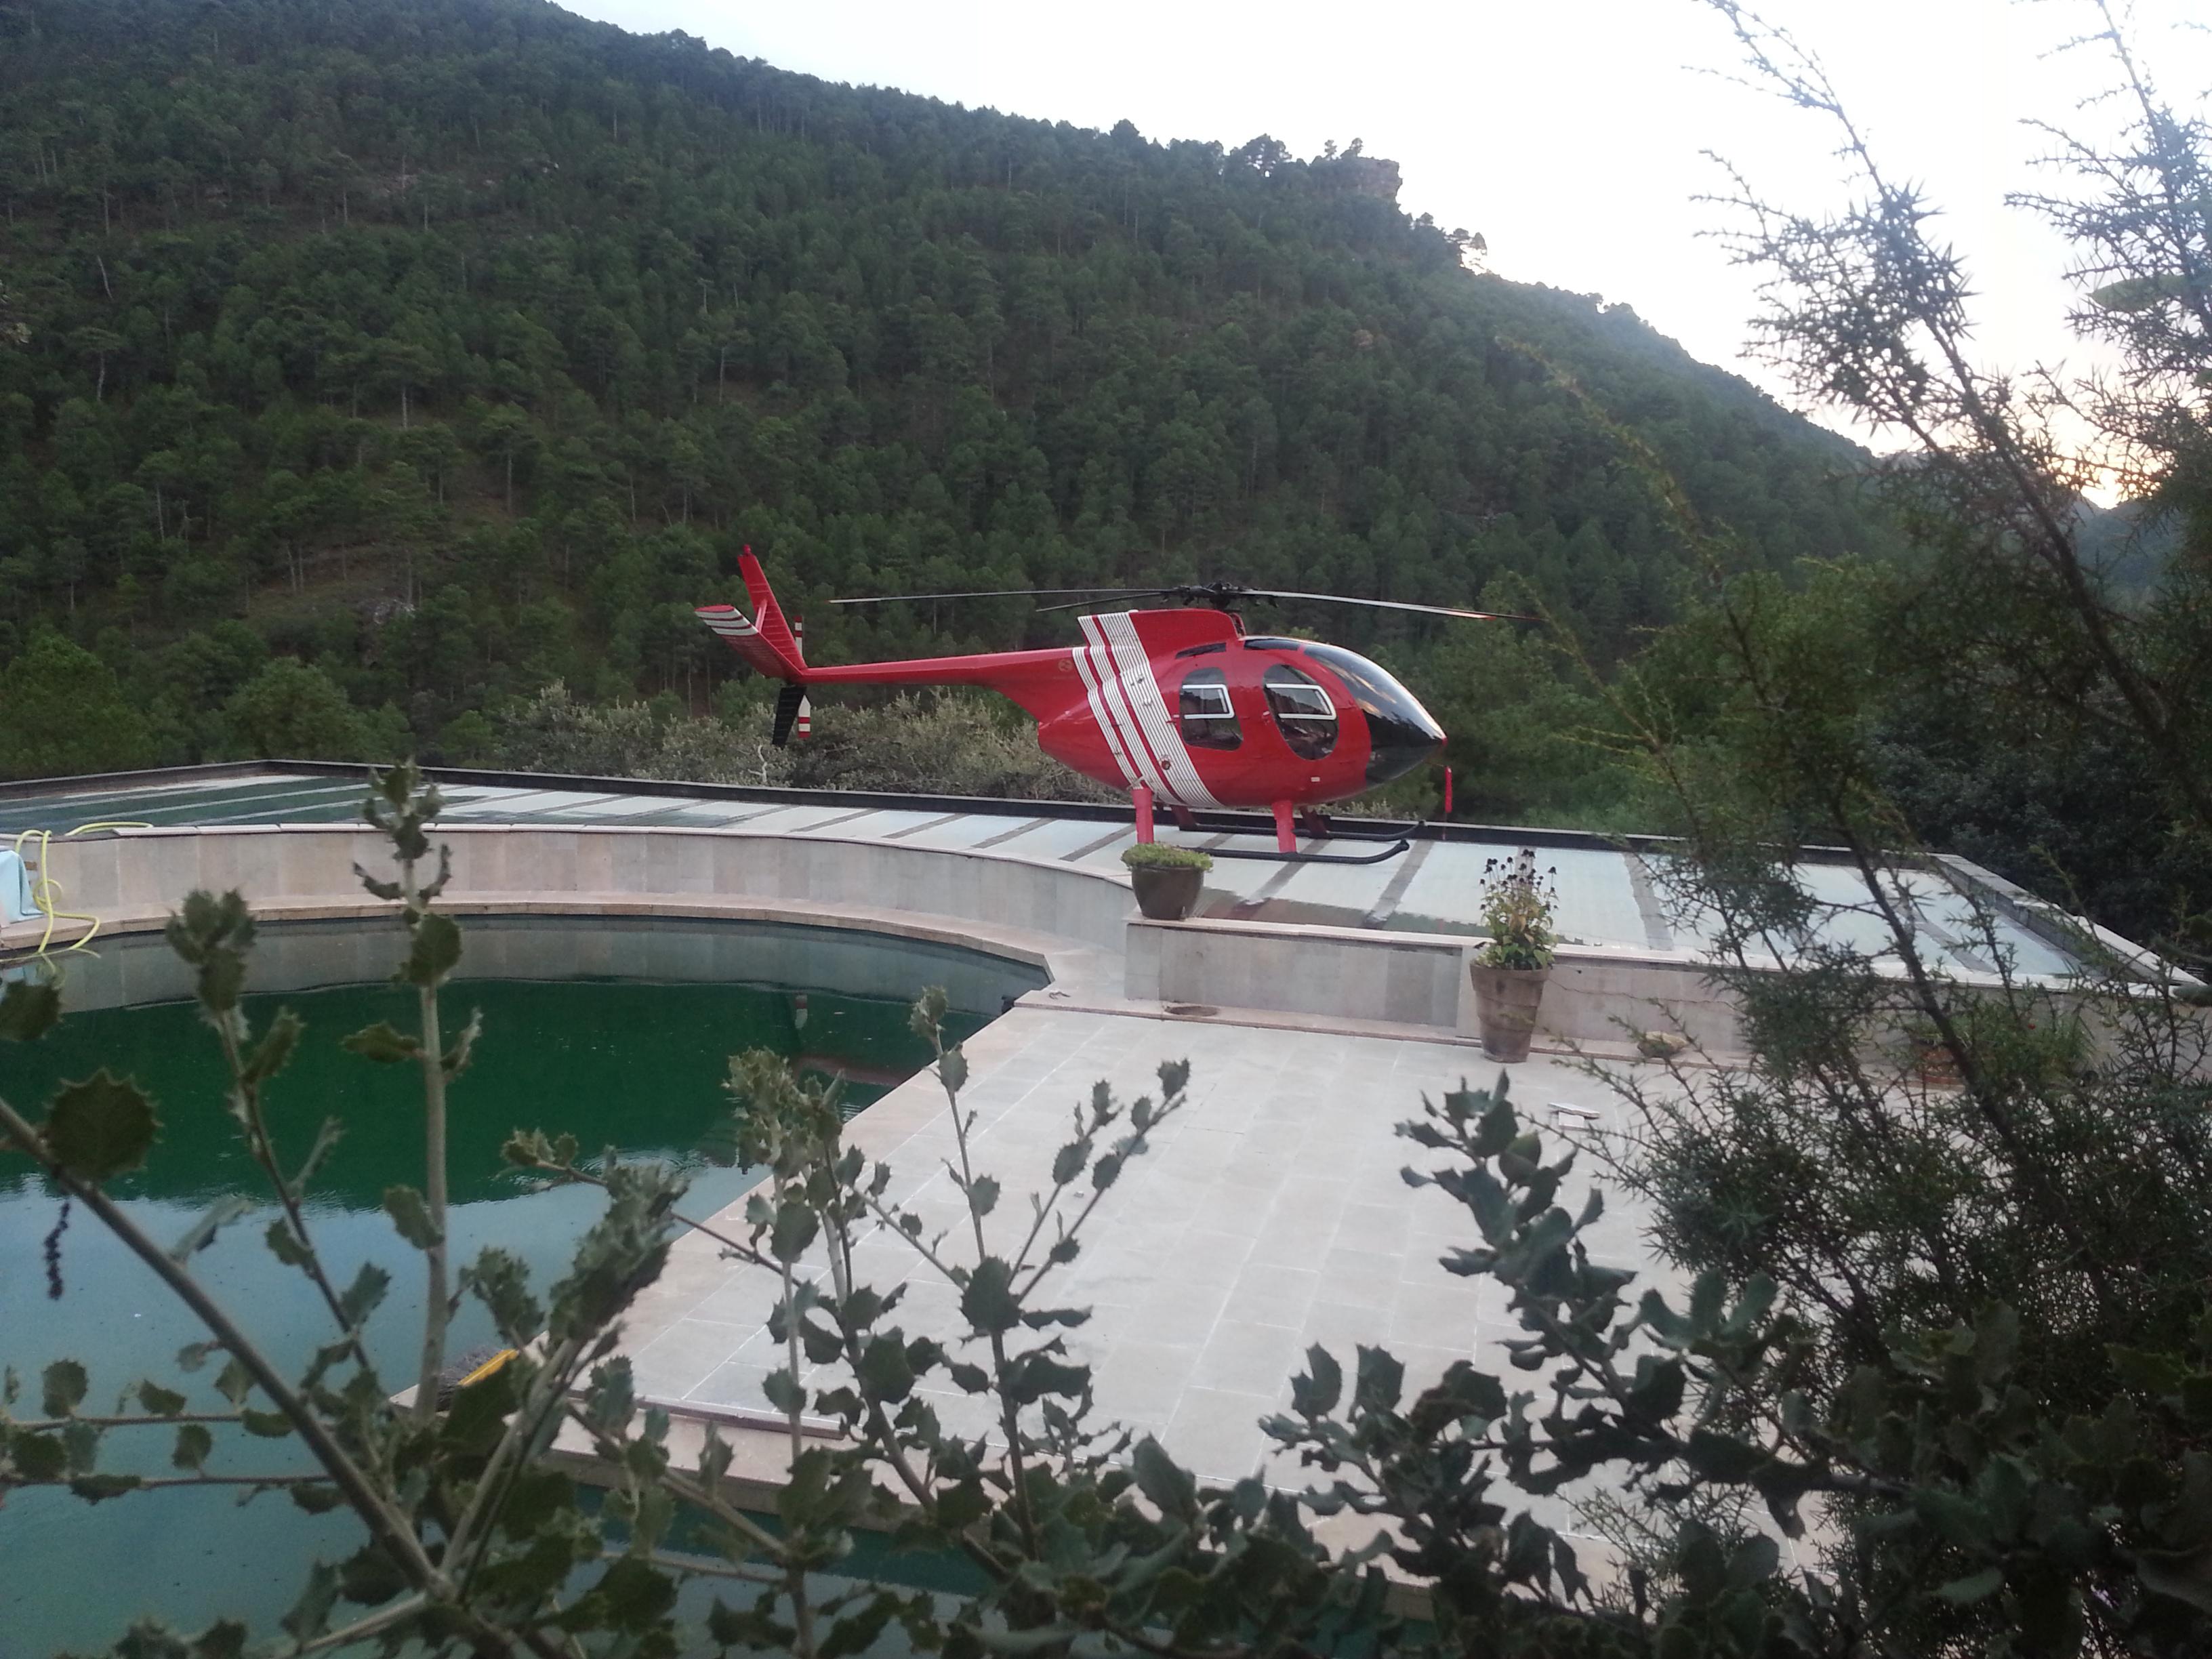 H500 landing on platform